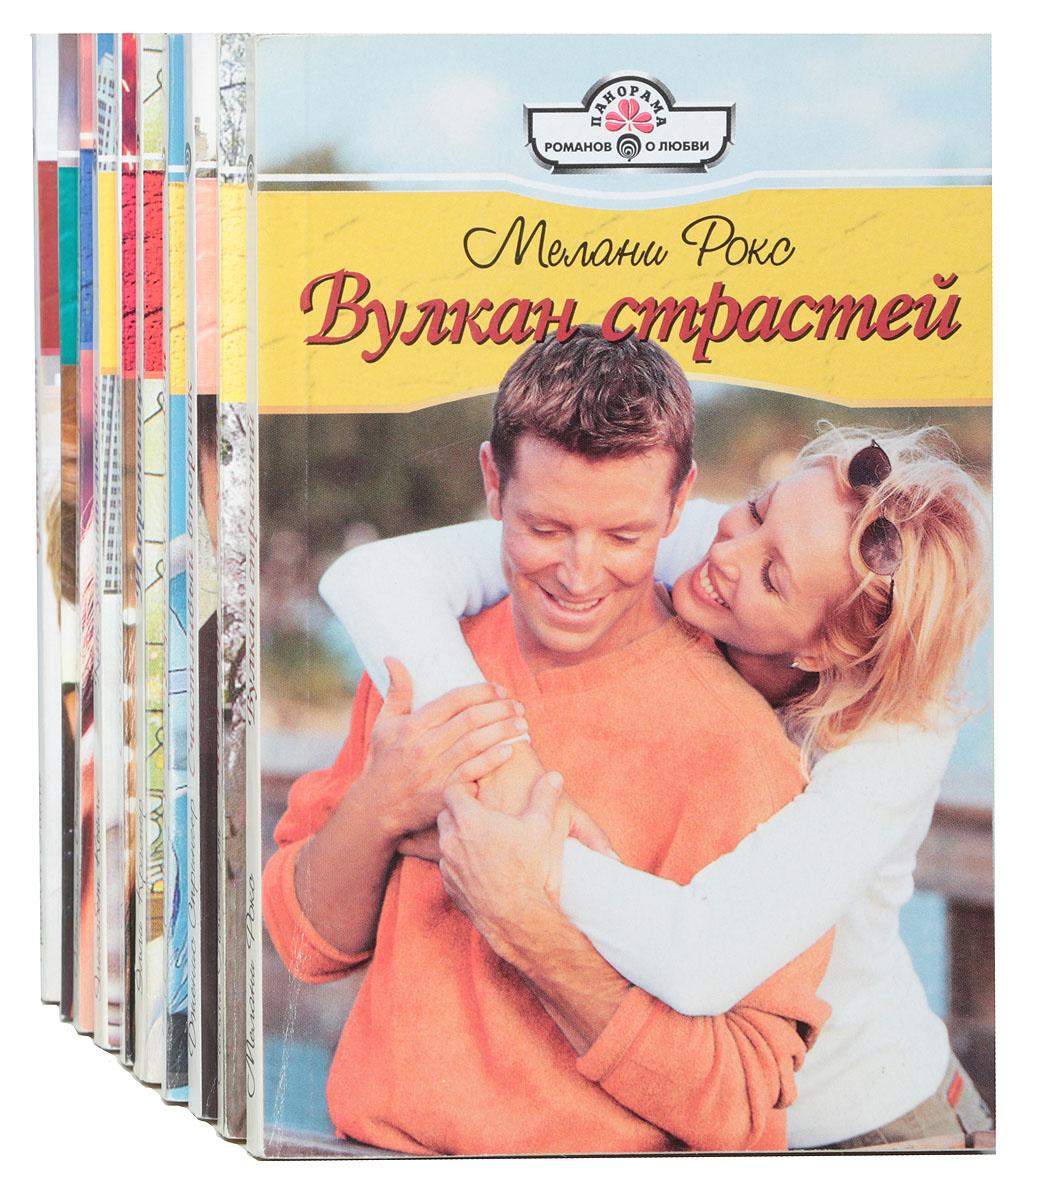 фотографы картинки книг панорама романов о любви система кизильника